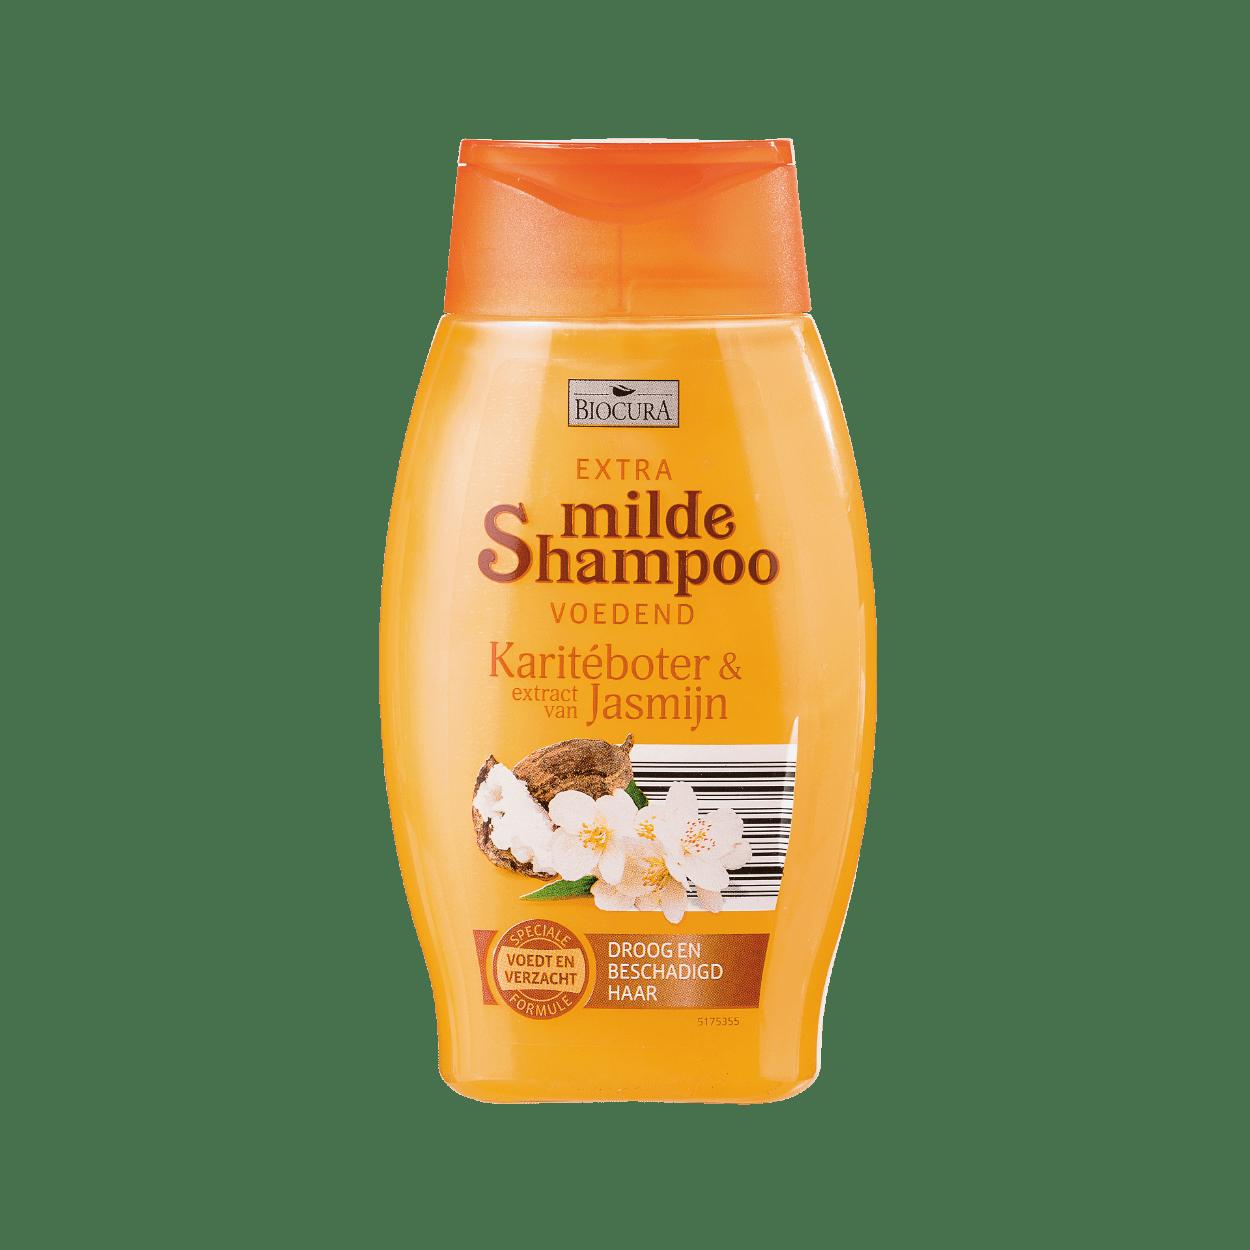 Aldi Shampoo